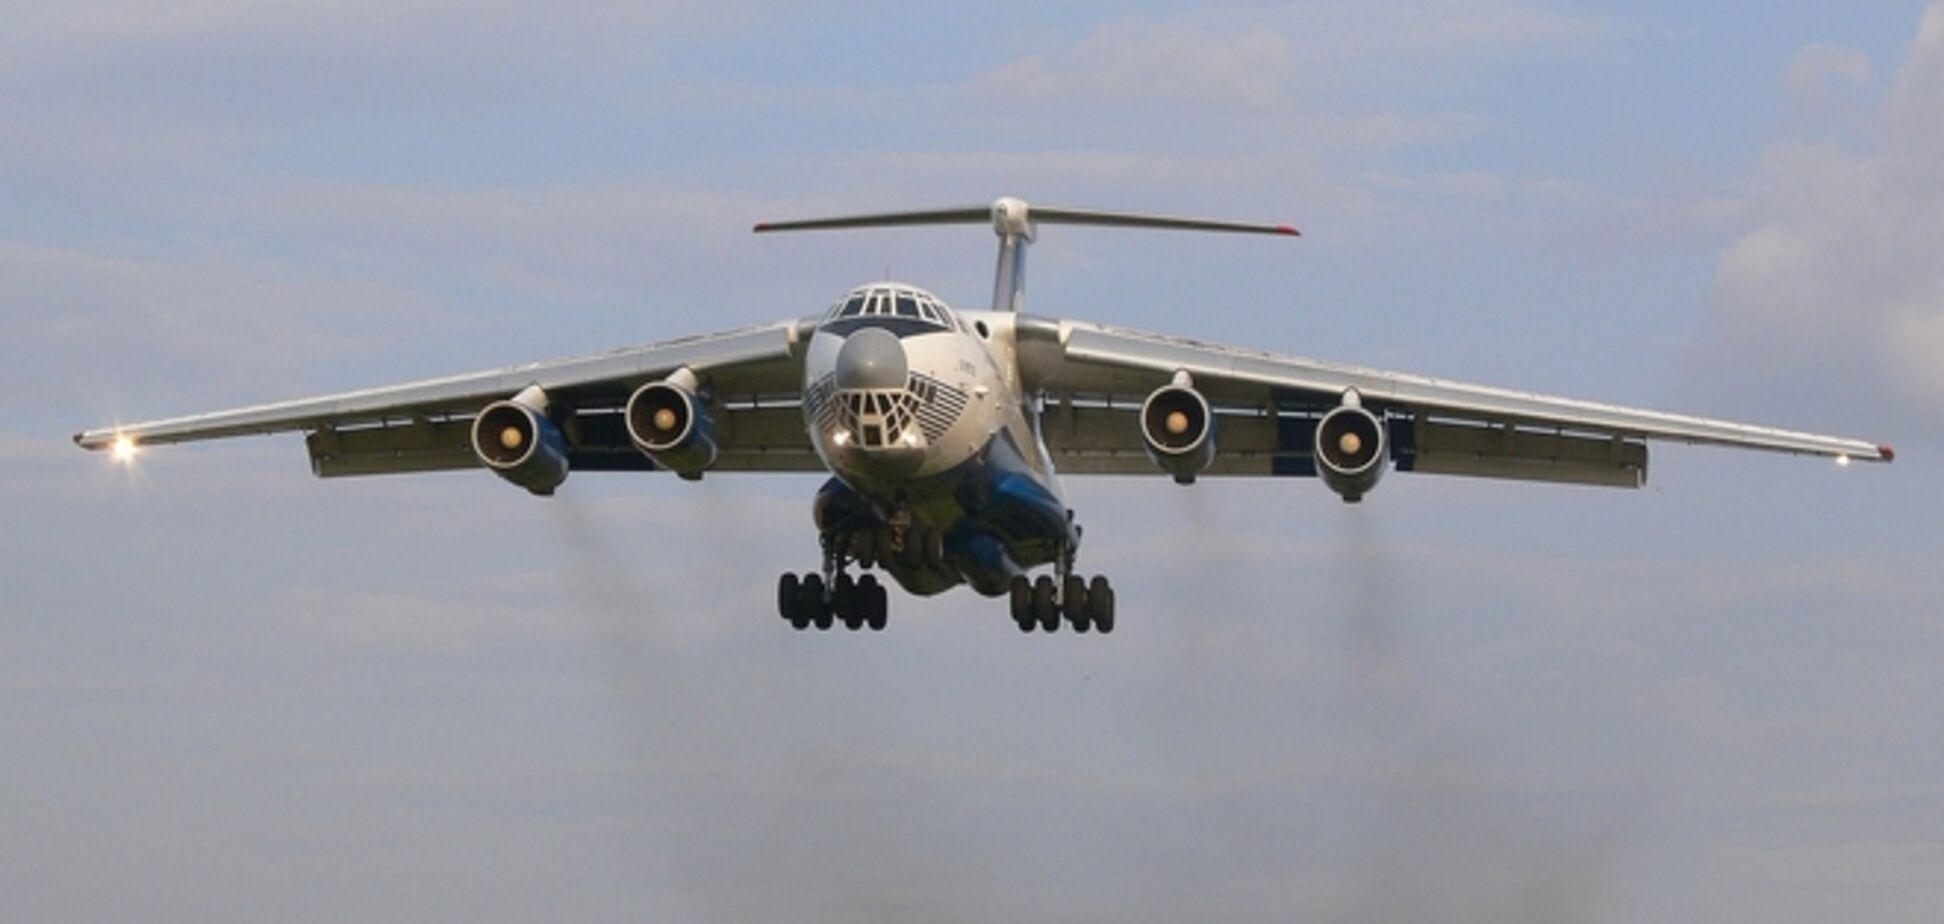 Филатов: в самолете Ил-76 погибли военные со всей Украины